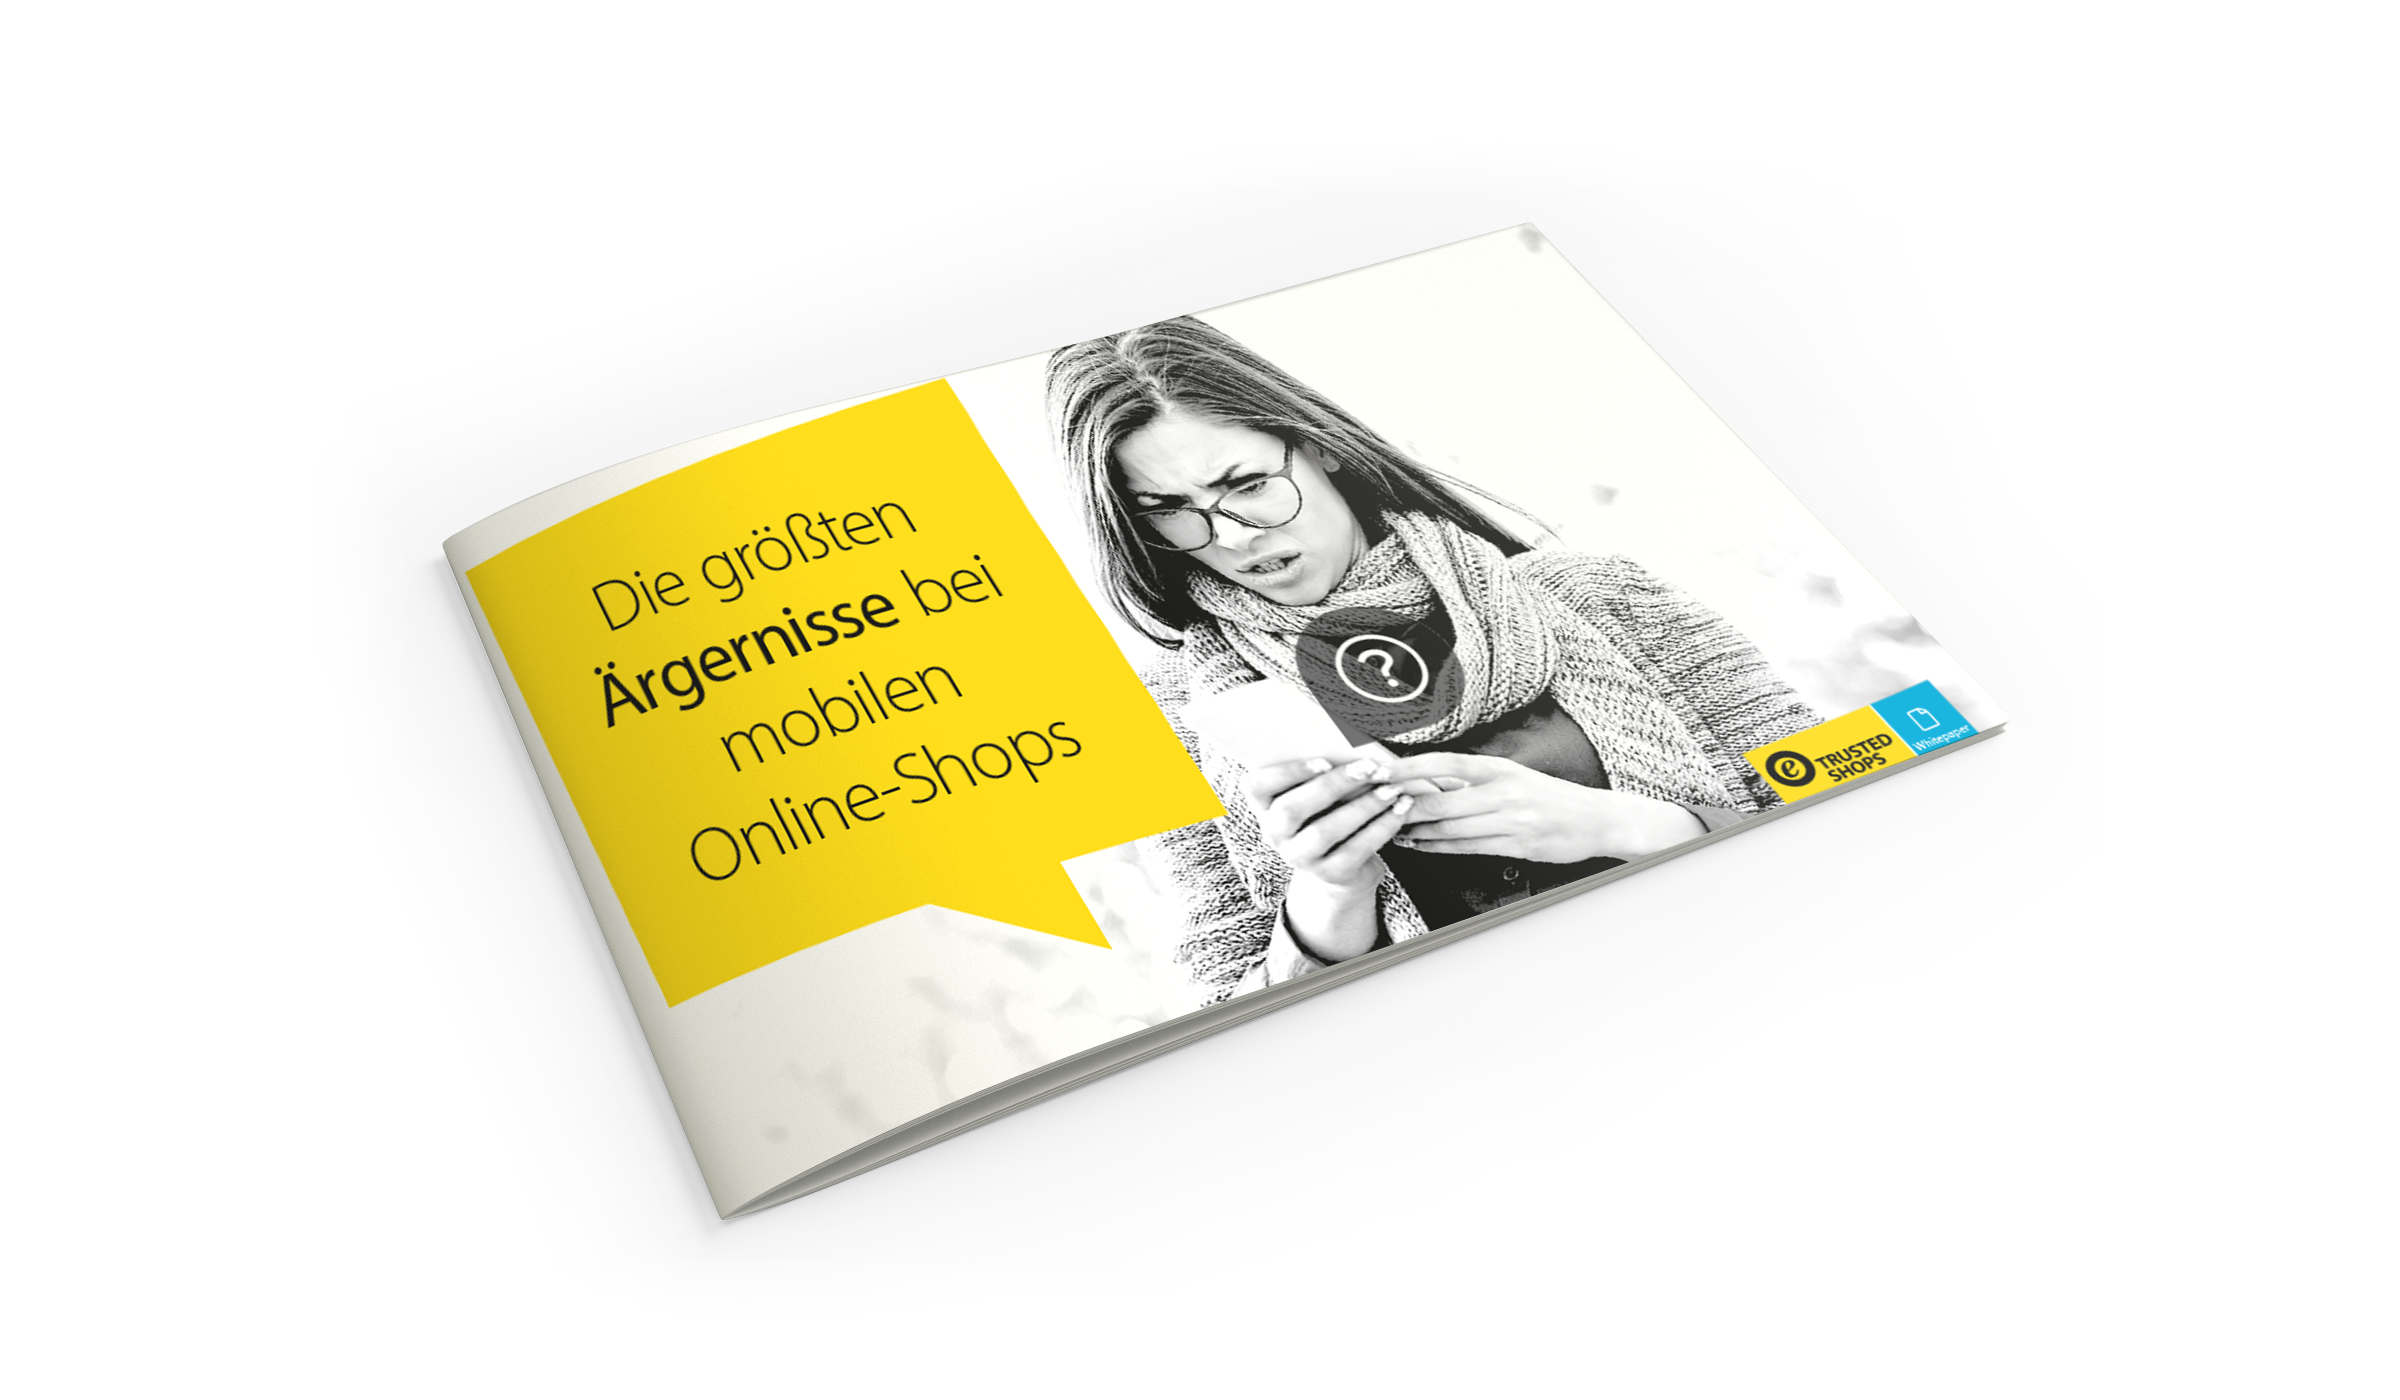 whitepaperTeaser-aergernisse_mobile_shops